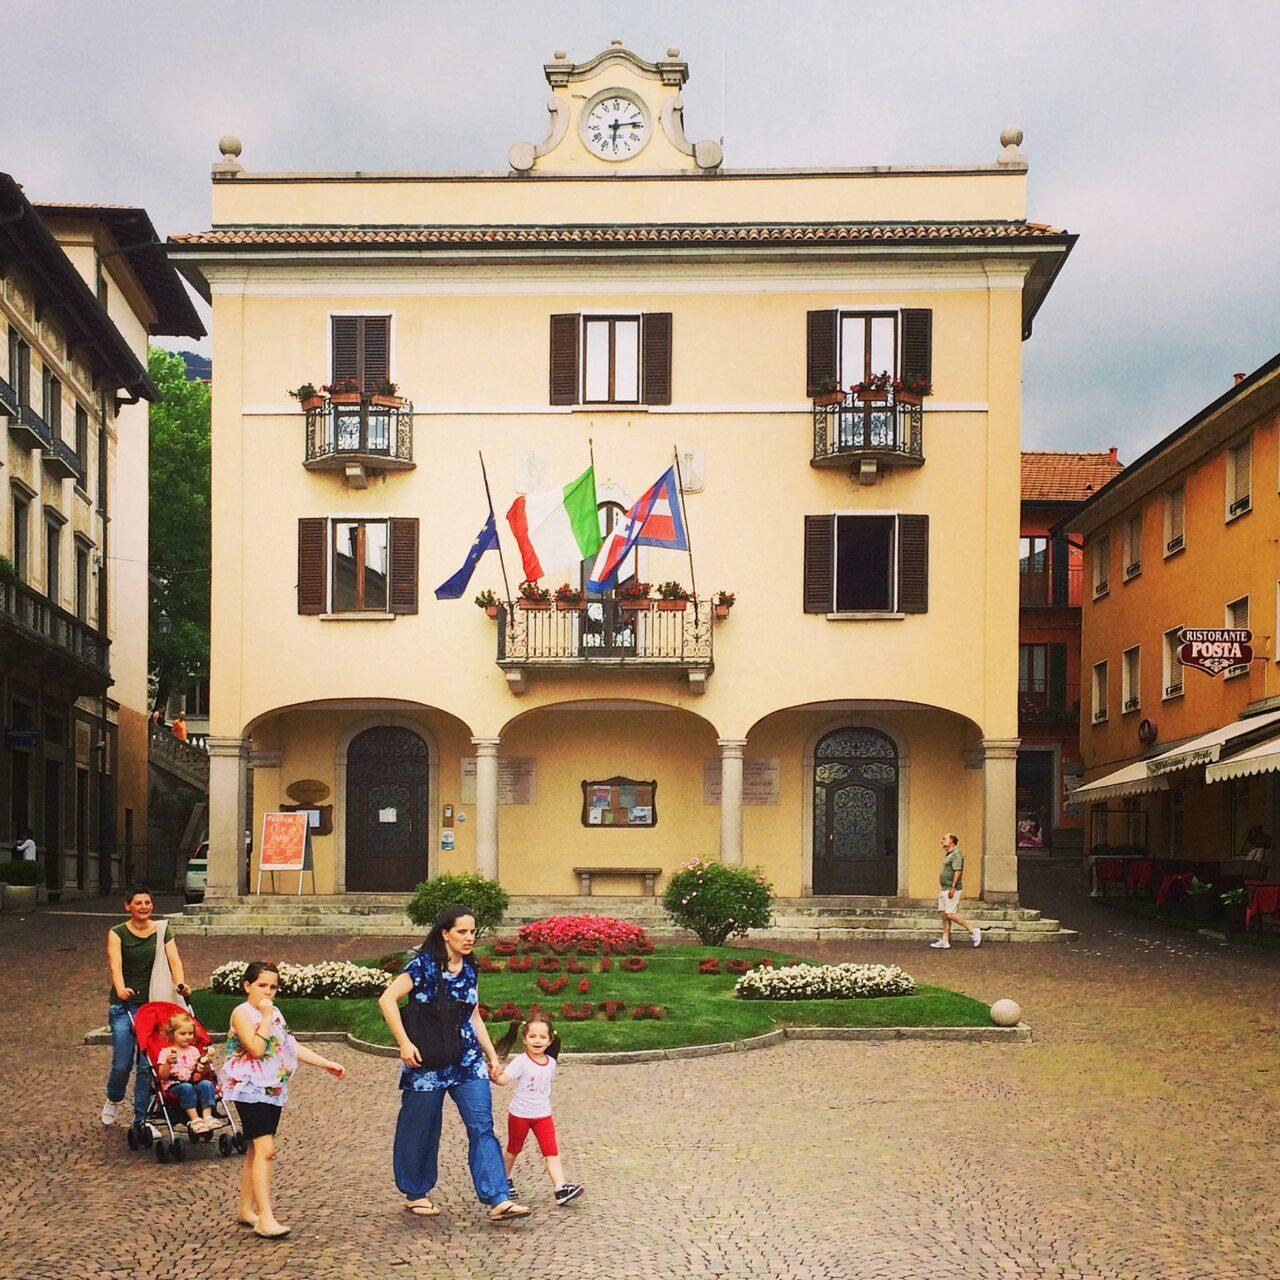 Von Café zu Café am westlichen Ufer des Lago Maggiore vorbei am Rathaus von Baveno